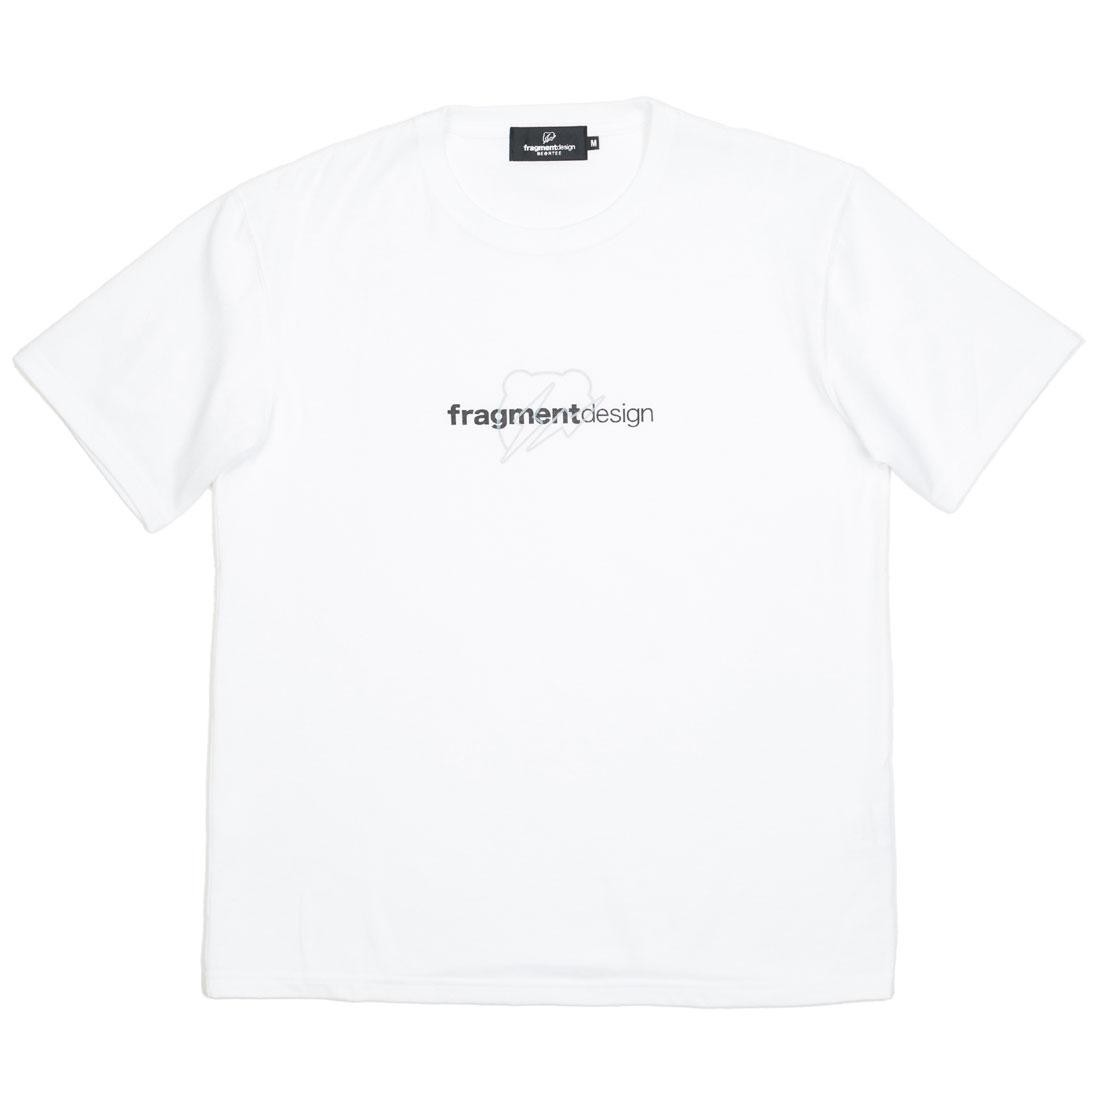 【スーパーセール中! 6/11深夜2時迄】ロゴ Tシャツ Be@rtee メンズファッション トップス カットソー メンズ 【 Medicom X Fragment Design Men Be@rtee W Logo Tee (white) 】 White